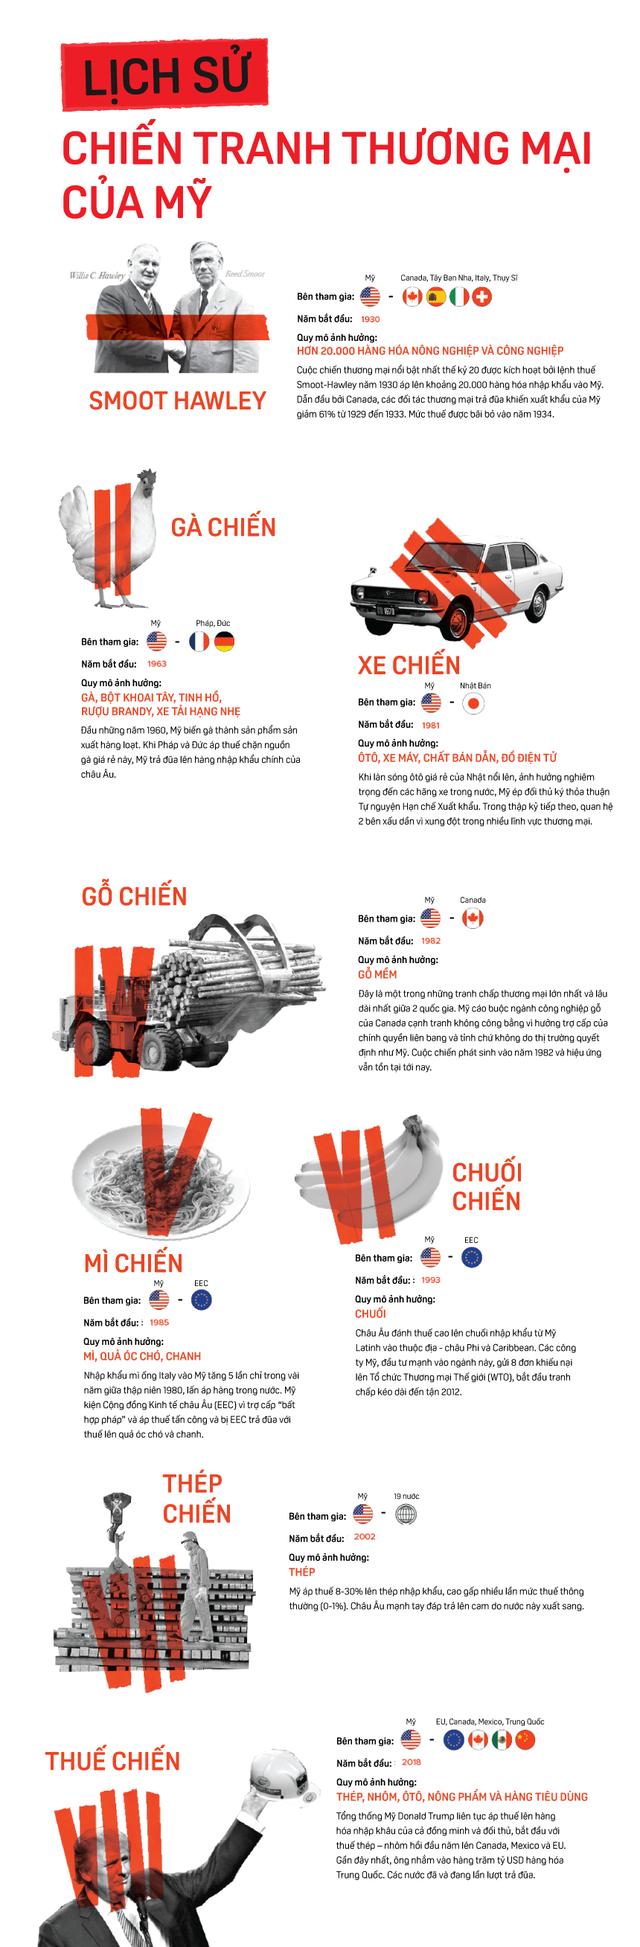 [Infographic] Lịch sử chiến tranh thương mại của Mỹ - Ảnh 1.